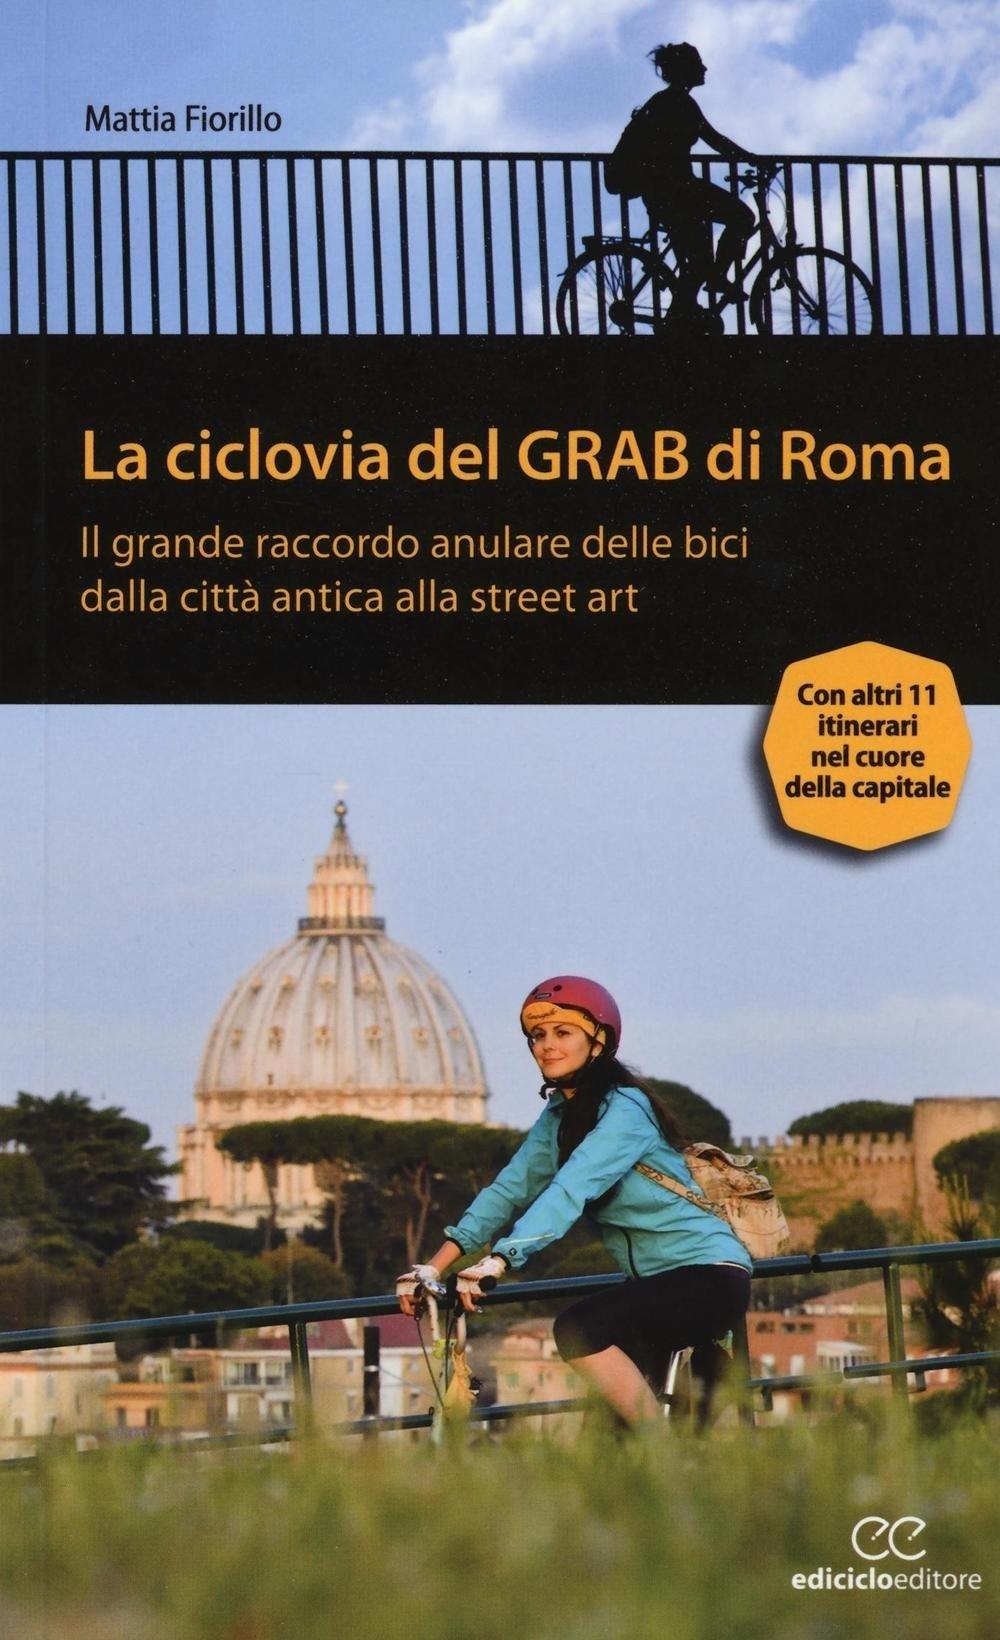 La ciclovia del Grab di Roma